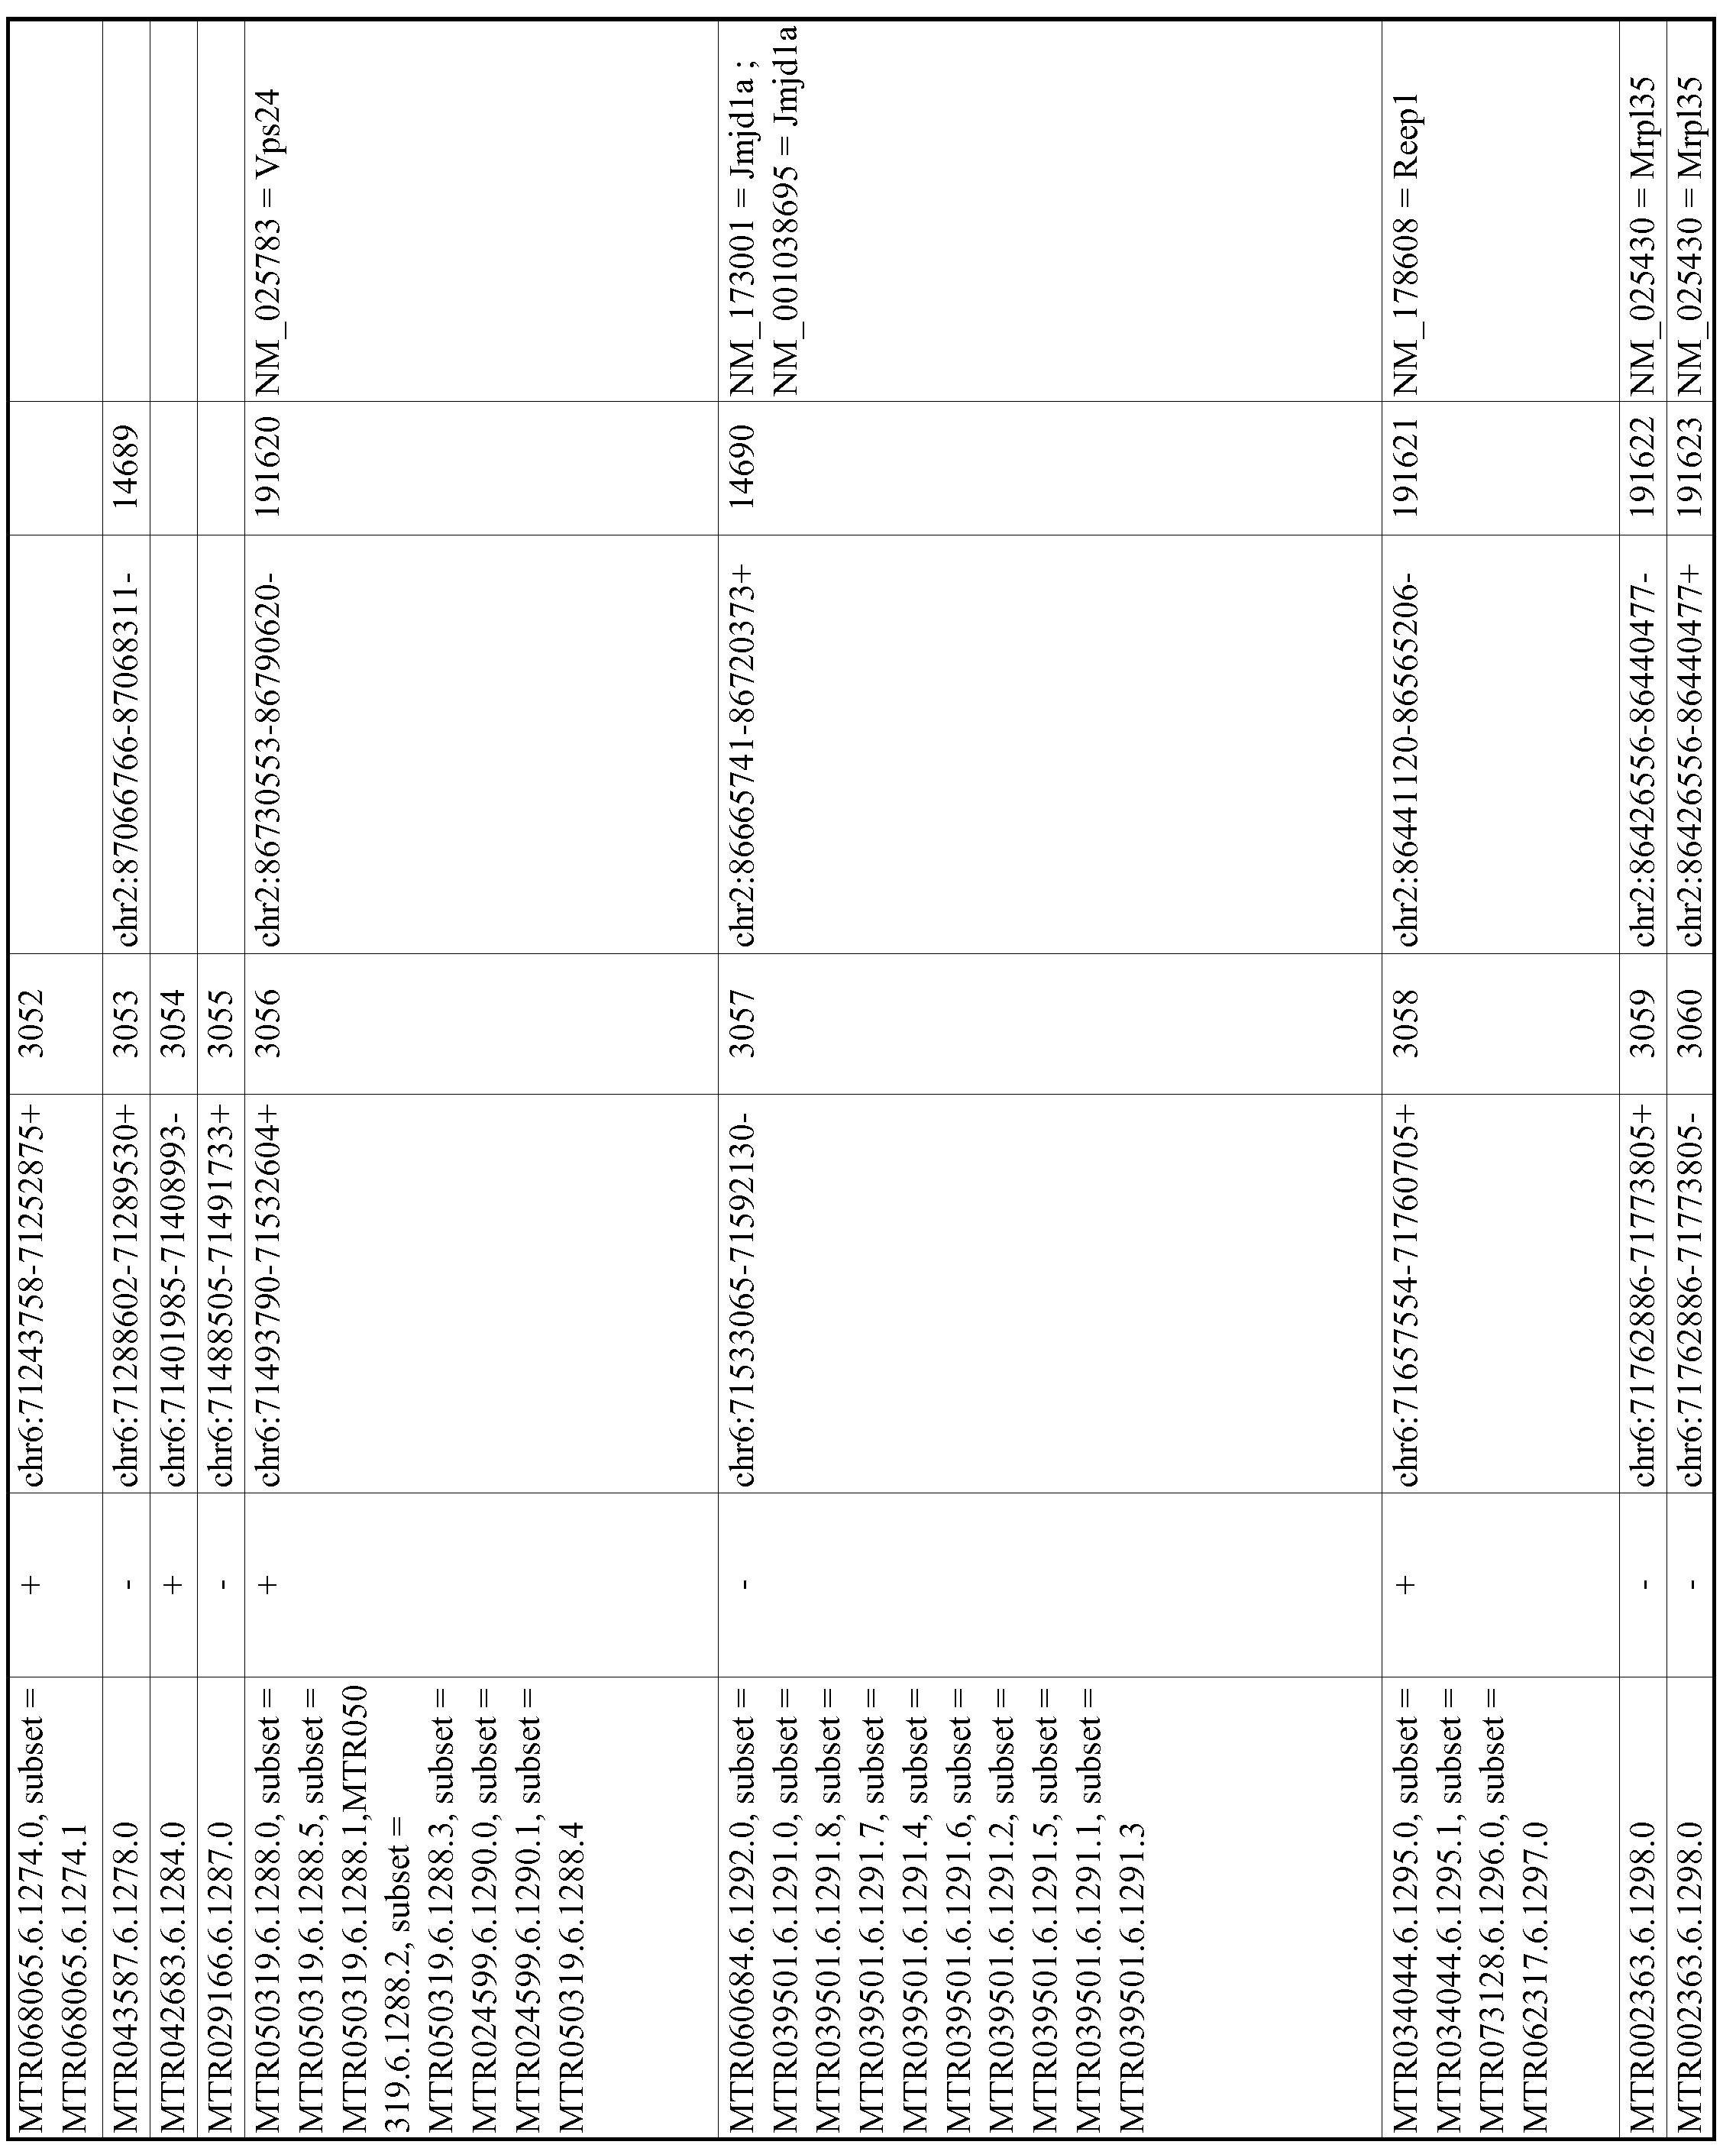 Figure imgf000610_0001